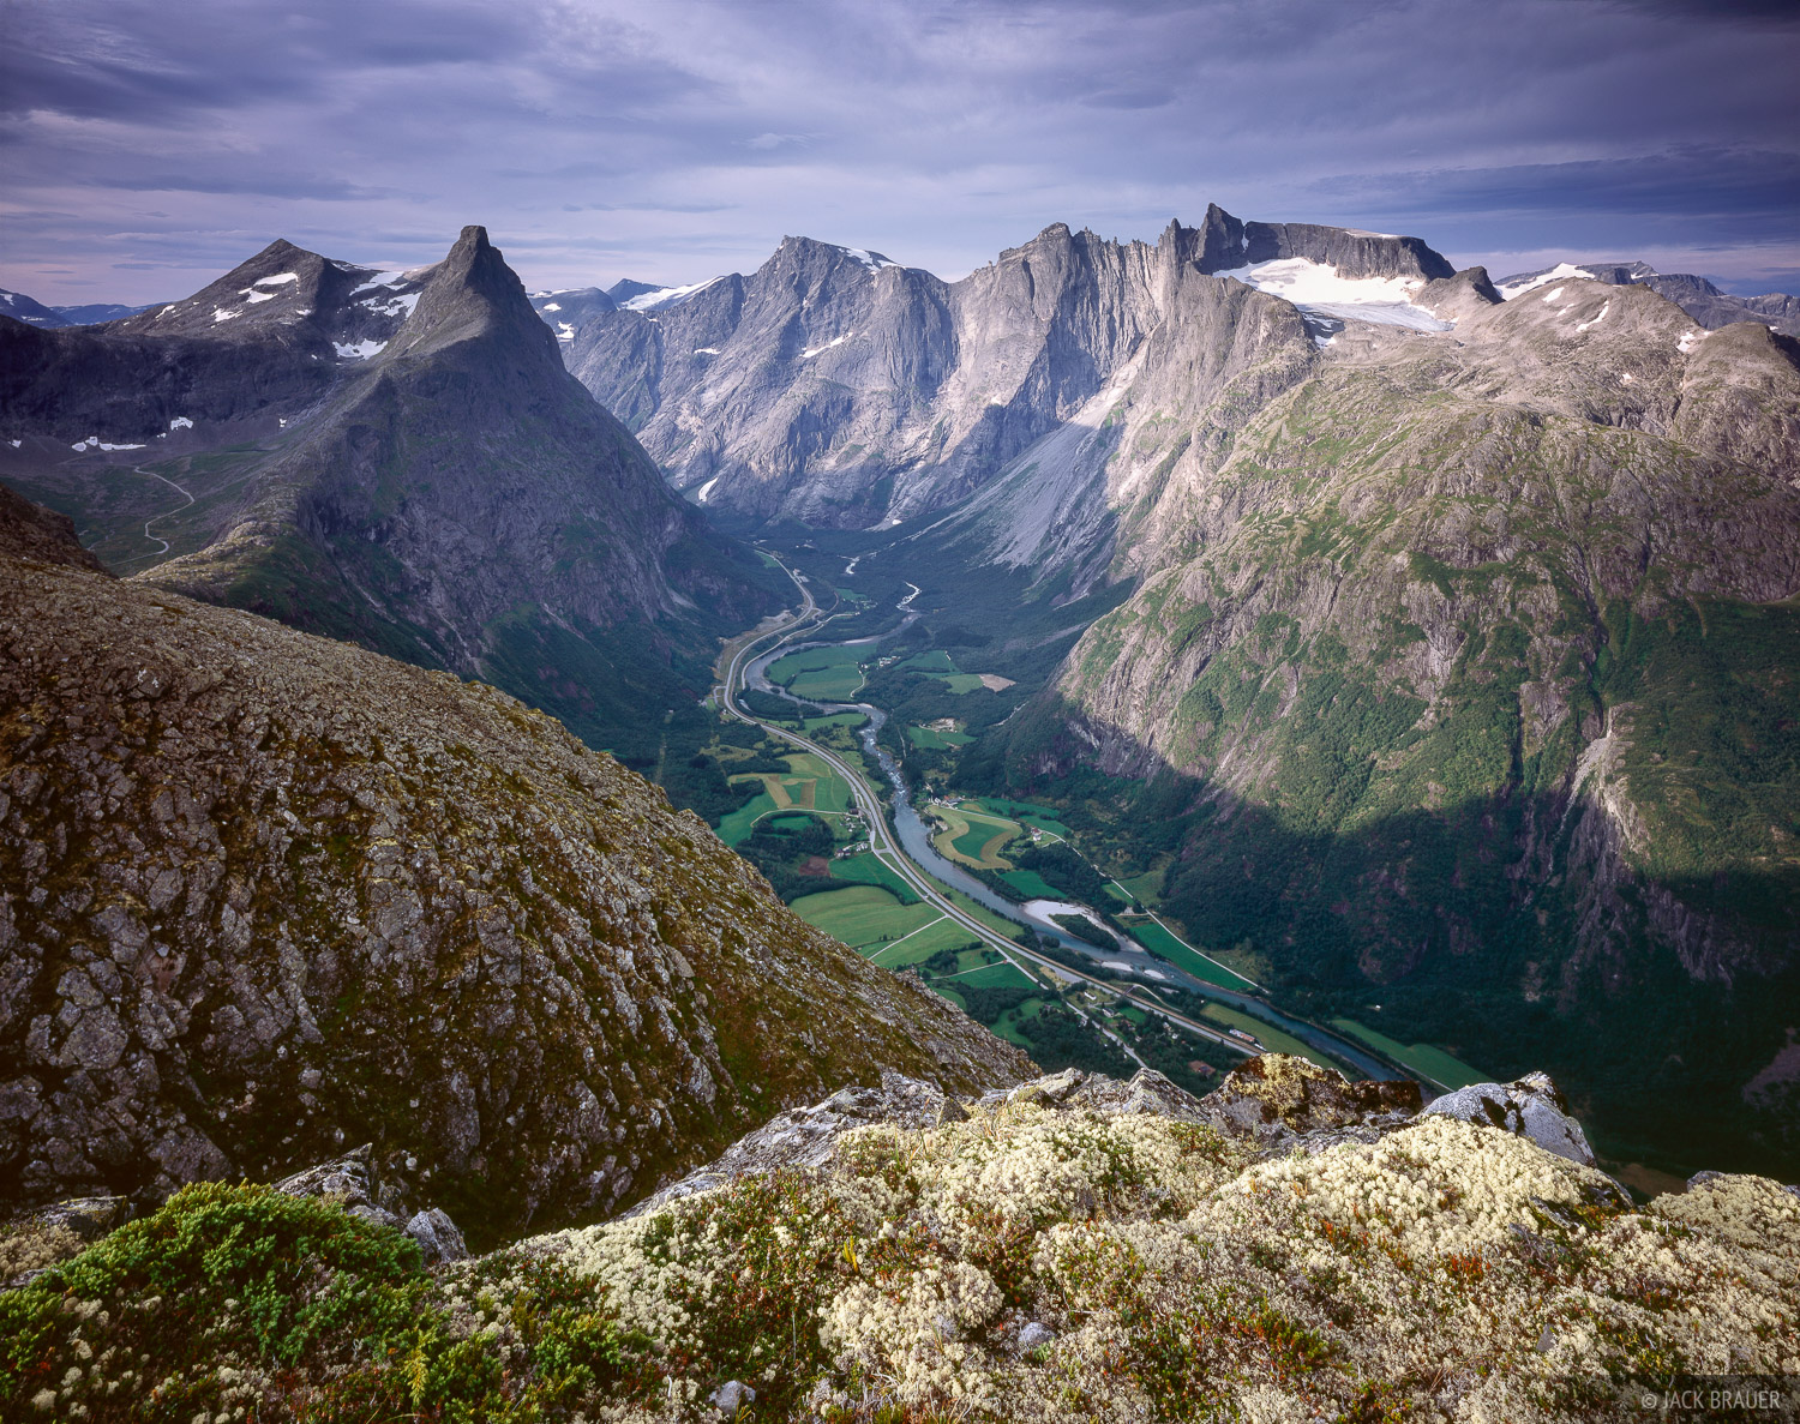 Romsdalshornet, Trolltindan, Trollveggen, Romsdalen, Norway, photo